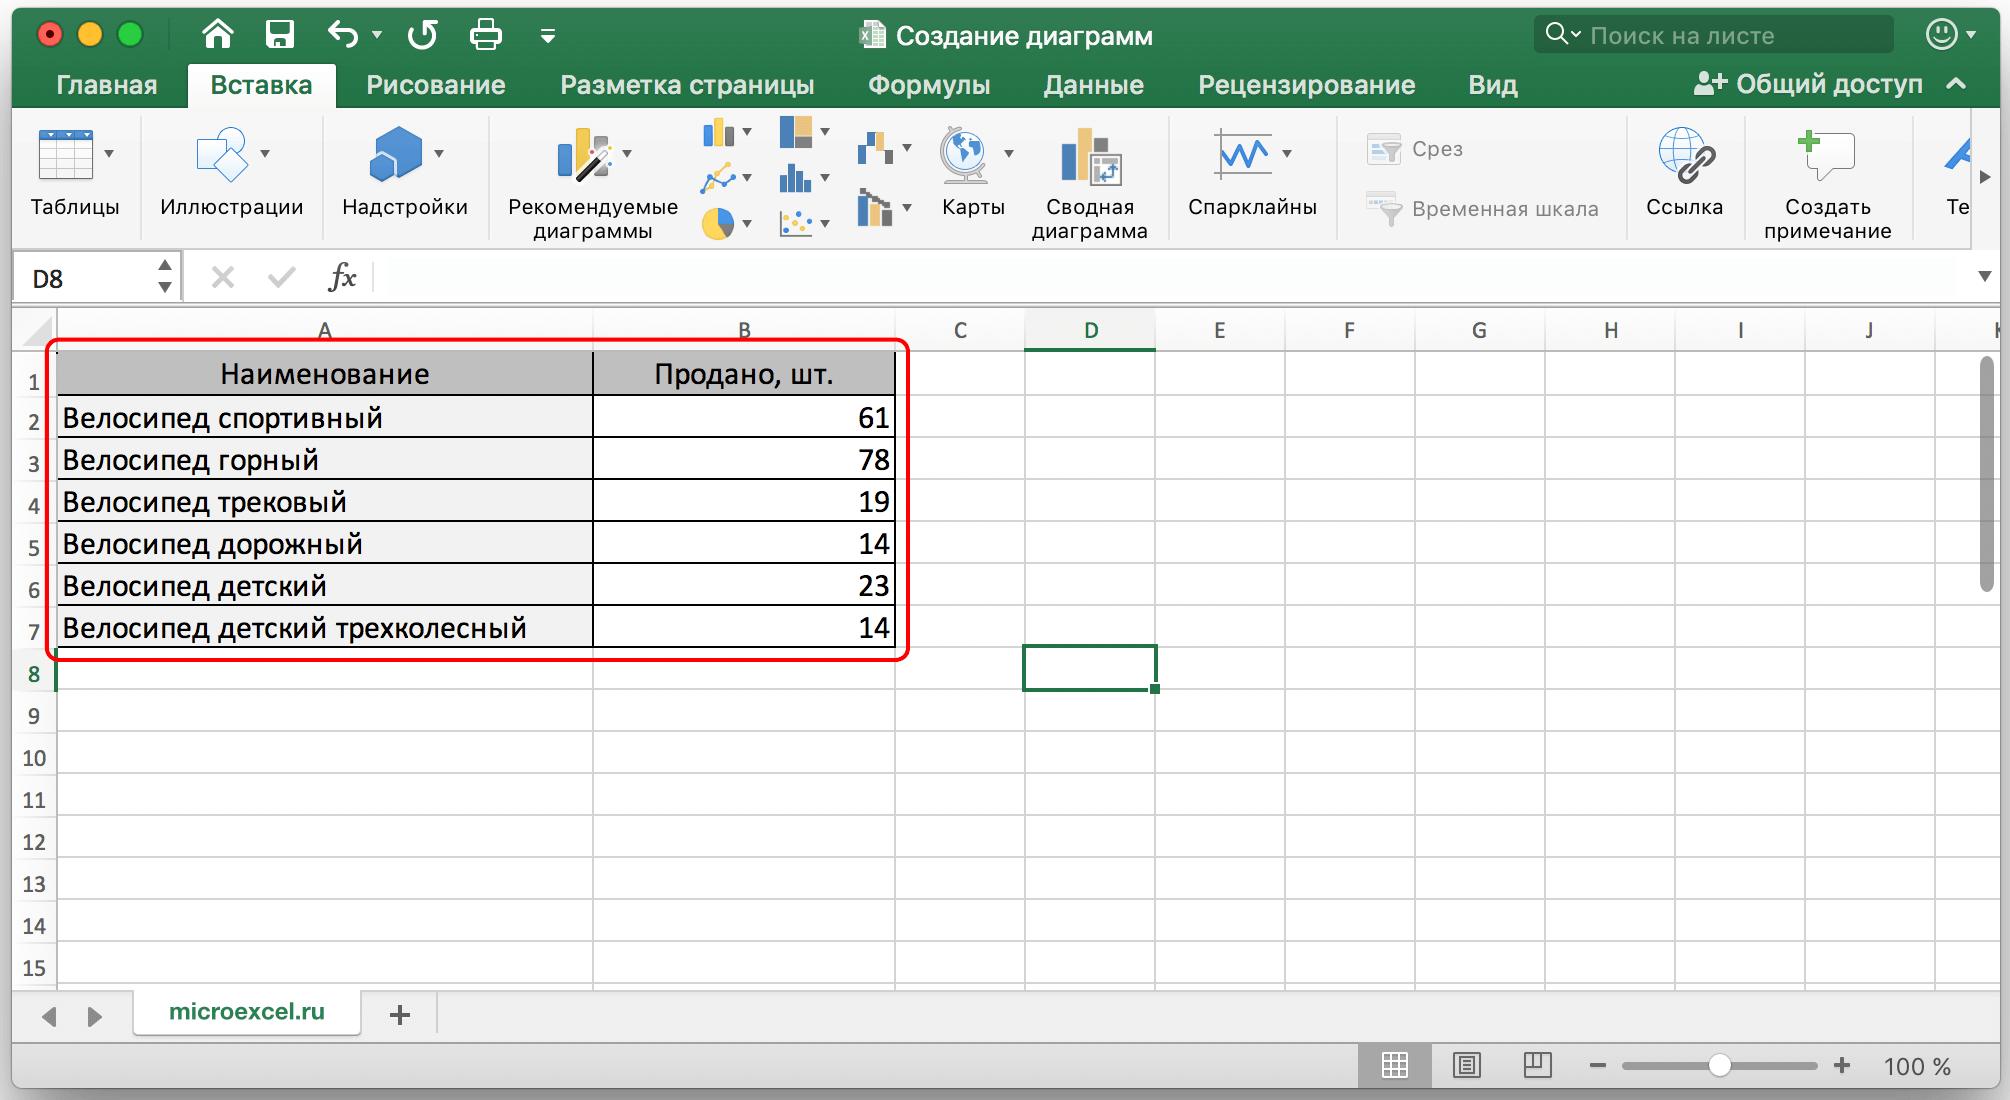 Построение диаграммы на основе таблицы